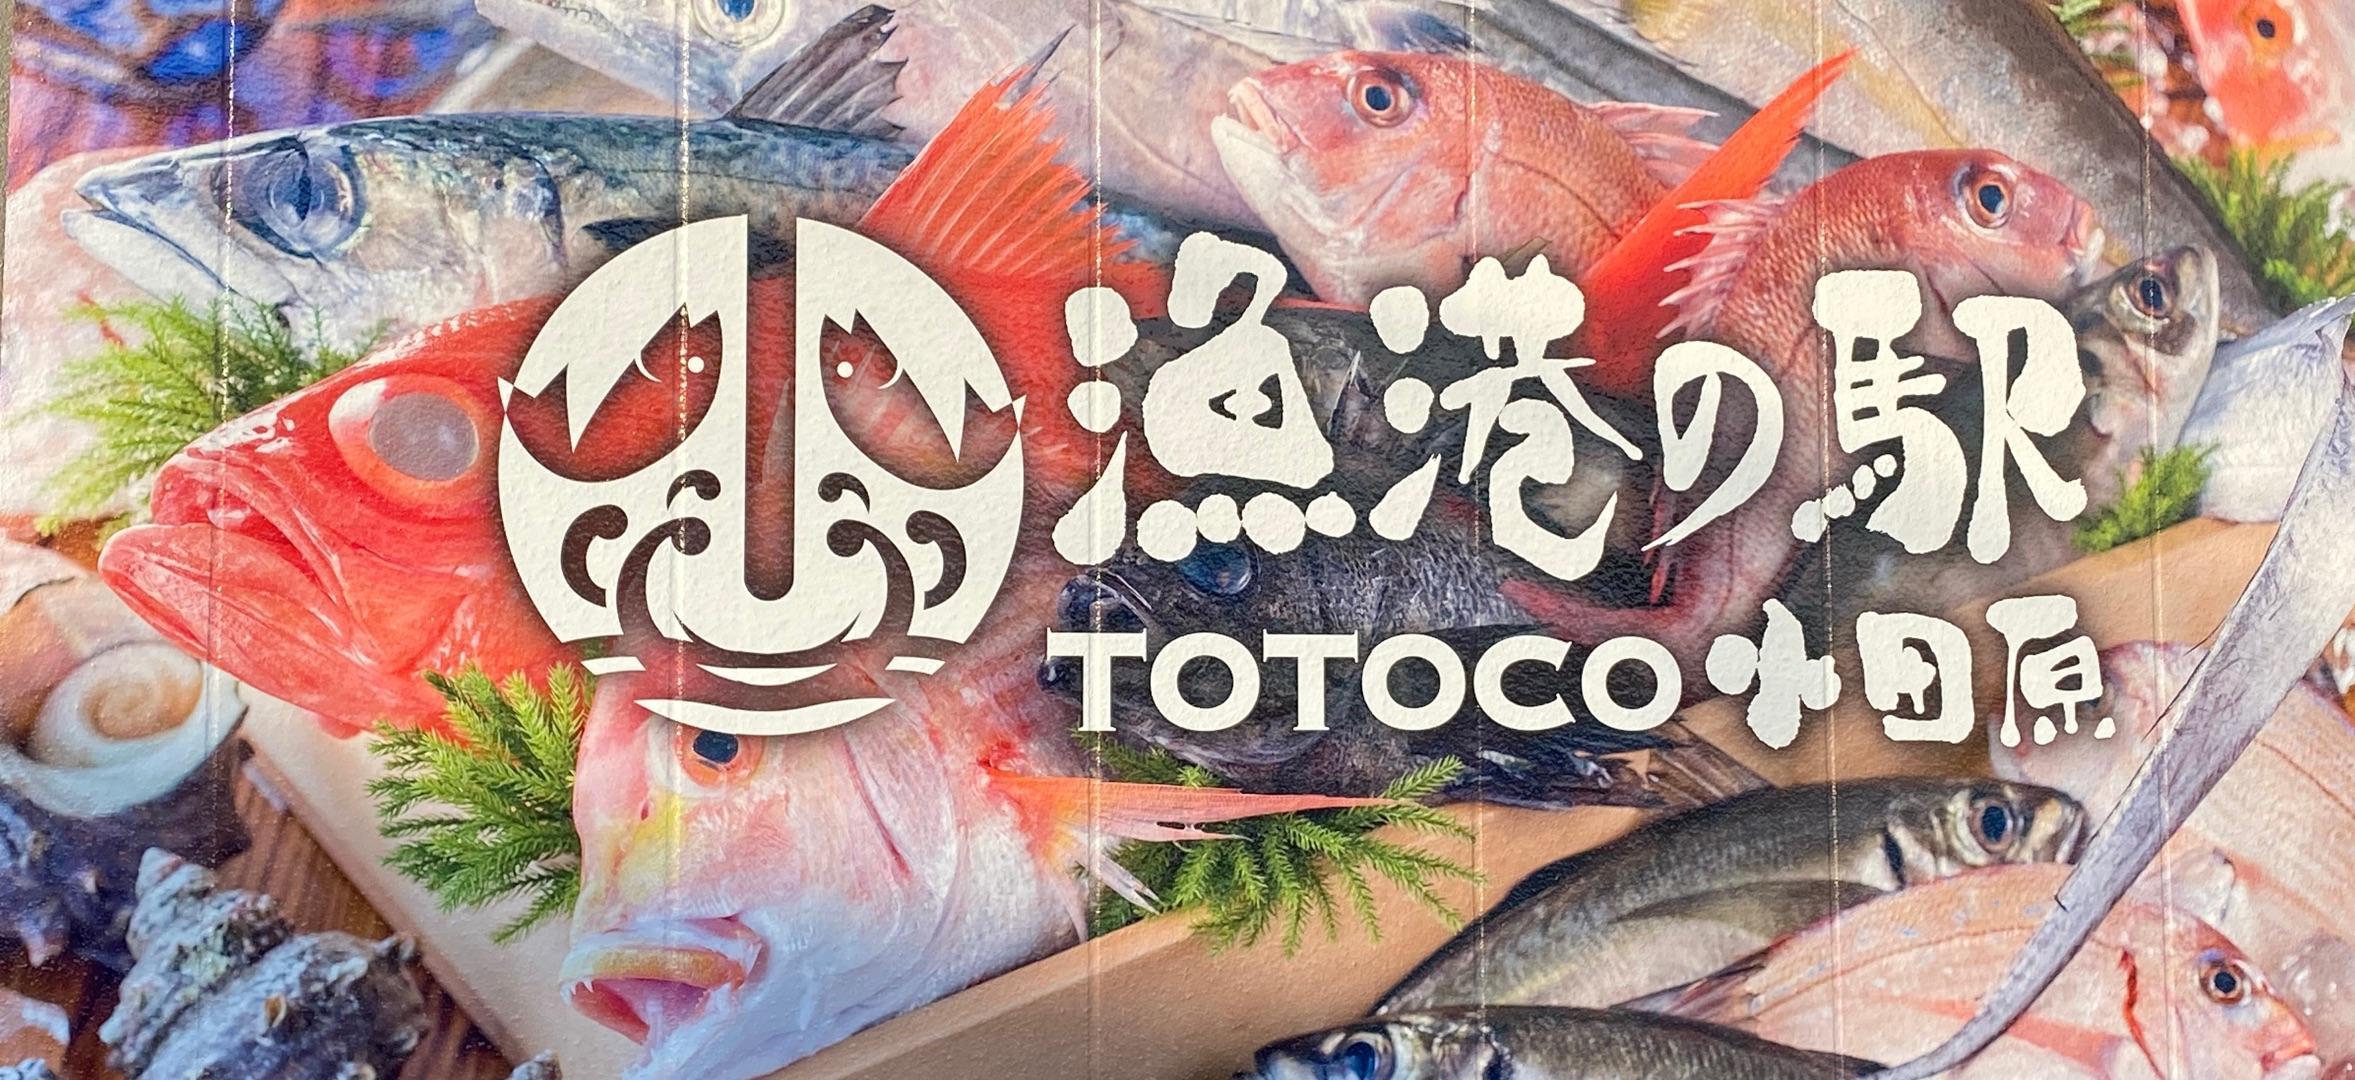 小田原 駅 漁港 の totoco